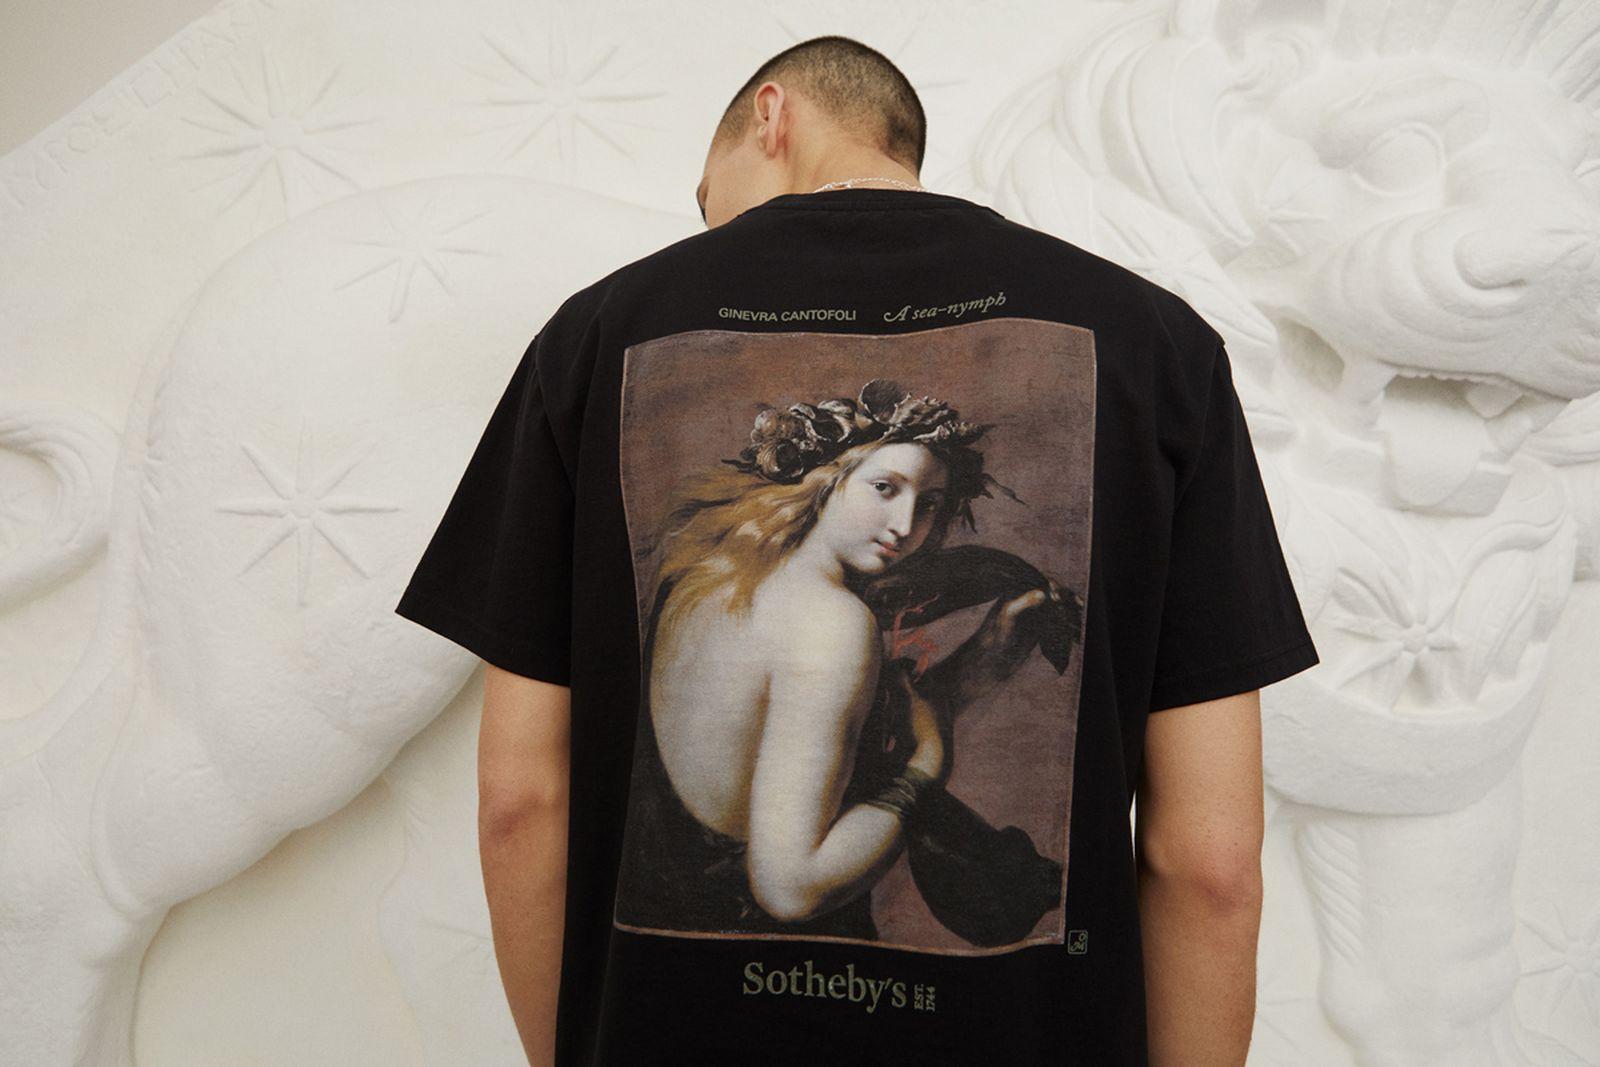 sothebys-highsnobiety-11